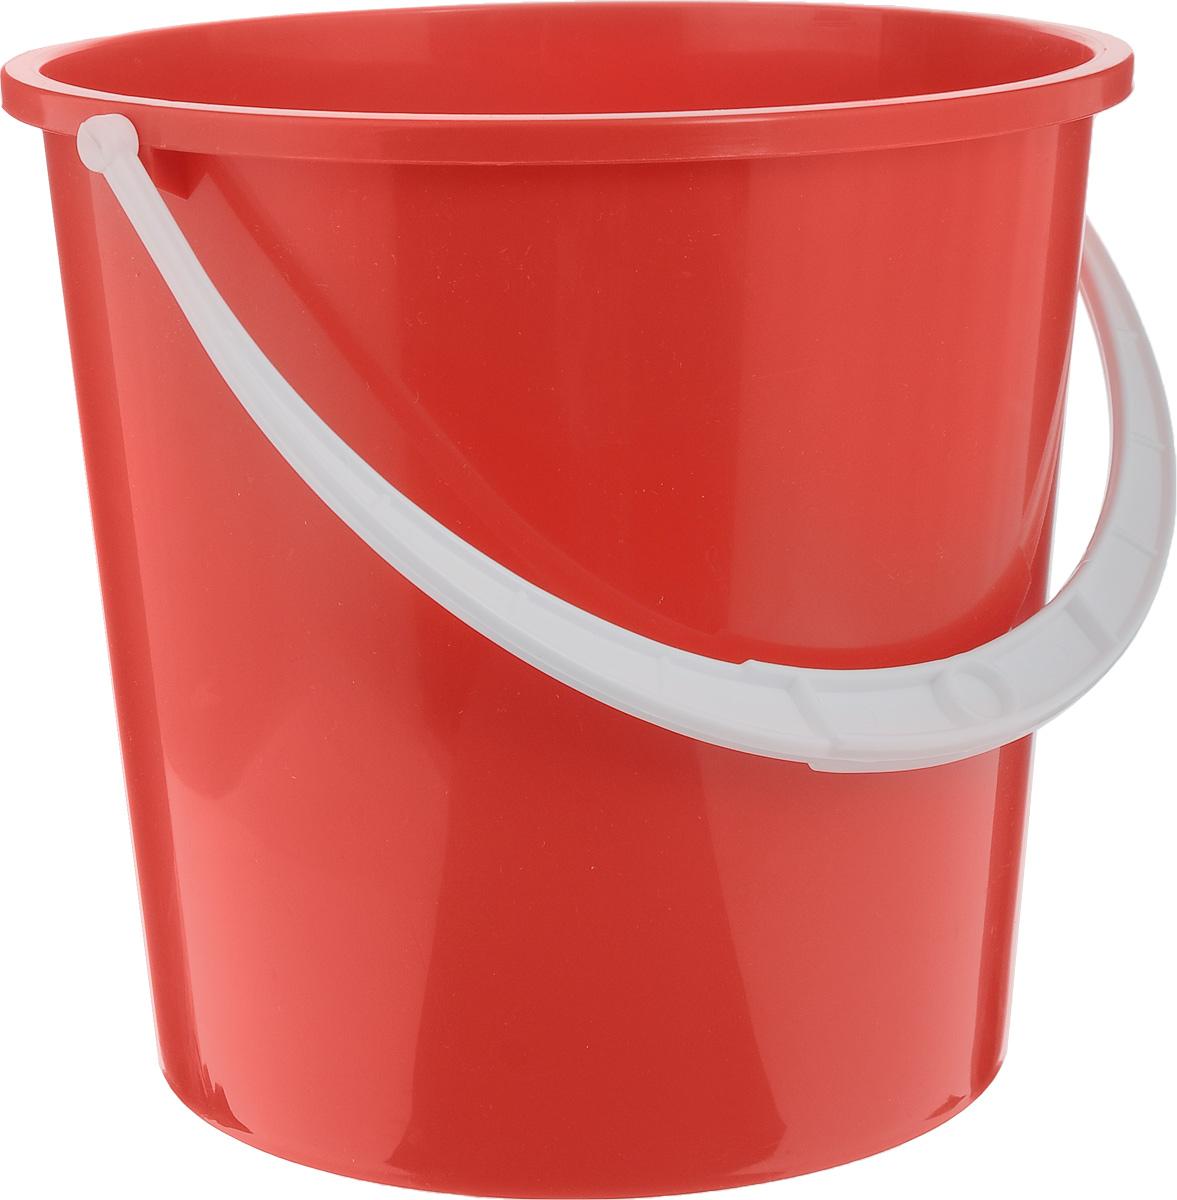 Ведро Альтернатива Крепыш, цвет: красный, 5 лК340_красныйВедро Альтернатива Крепыш изготовлено из высококачественного одноцветногопластика. Оно легче железного и не подвержено коррозии. Ведро оснащено удобной пластиковой ручкой. Такое ведро станет незаменимымпомощником в хозяйстве.Диаметр (по верхнему краю): 22 см.Высота: 20,5 см.